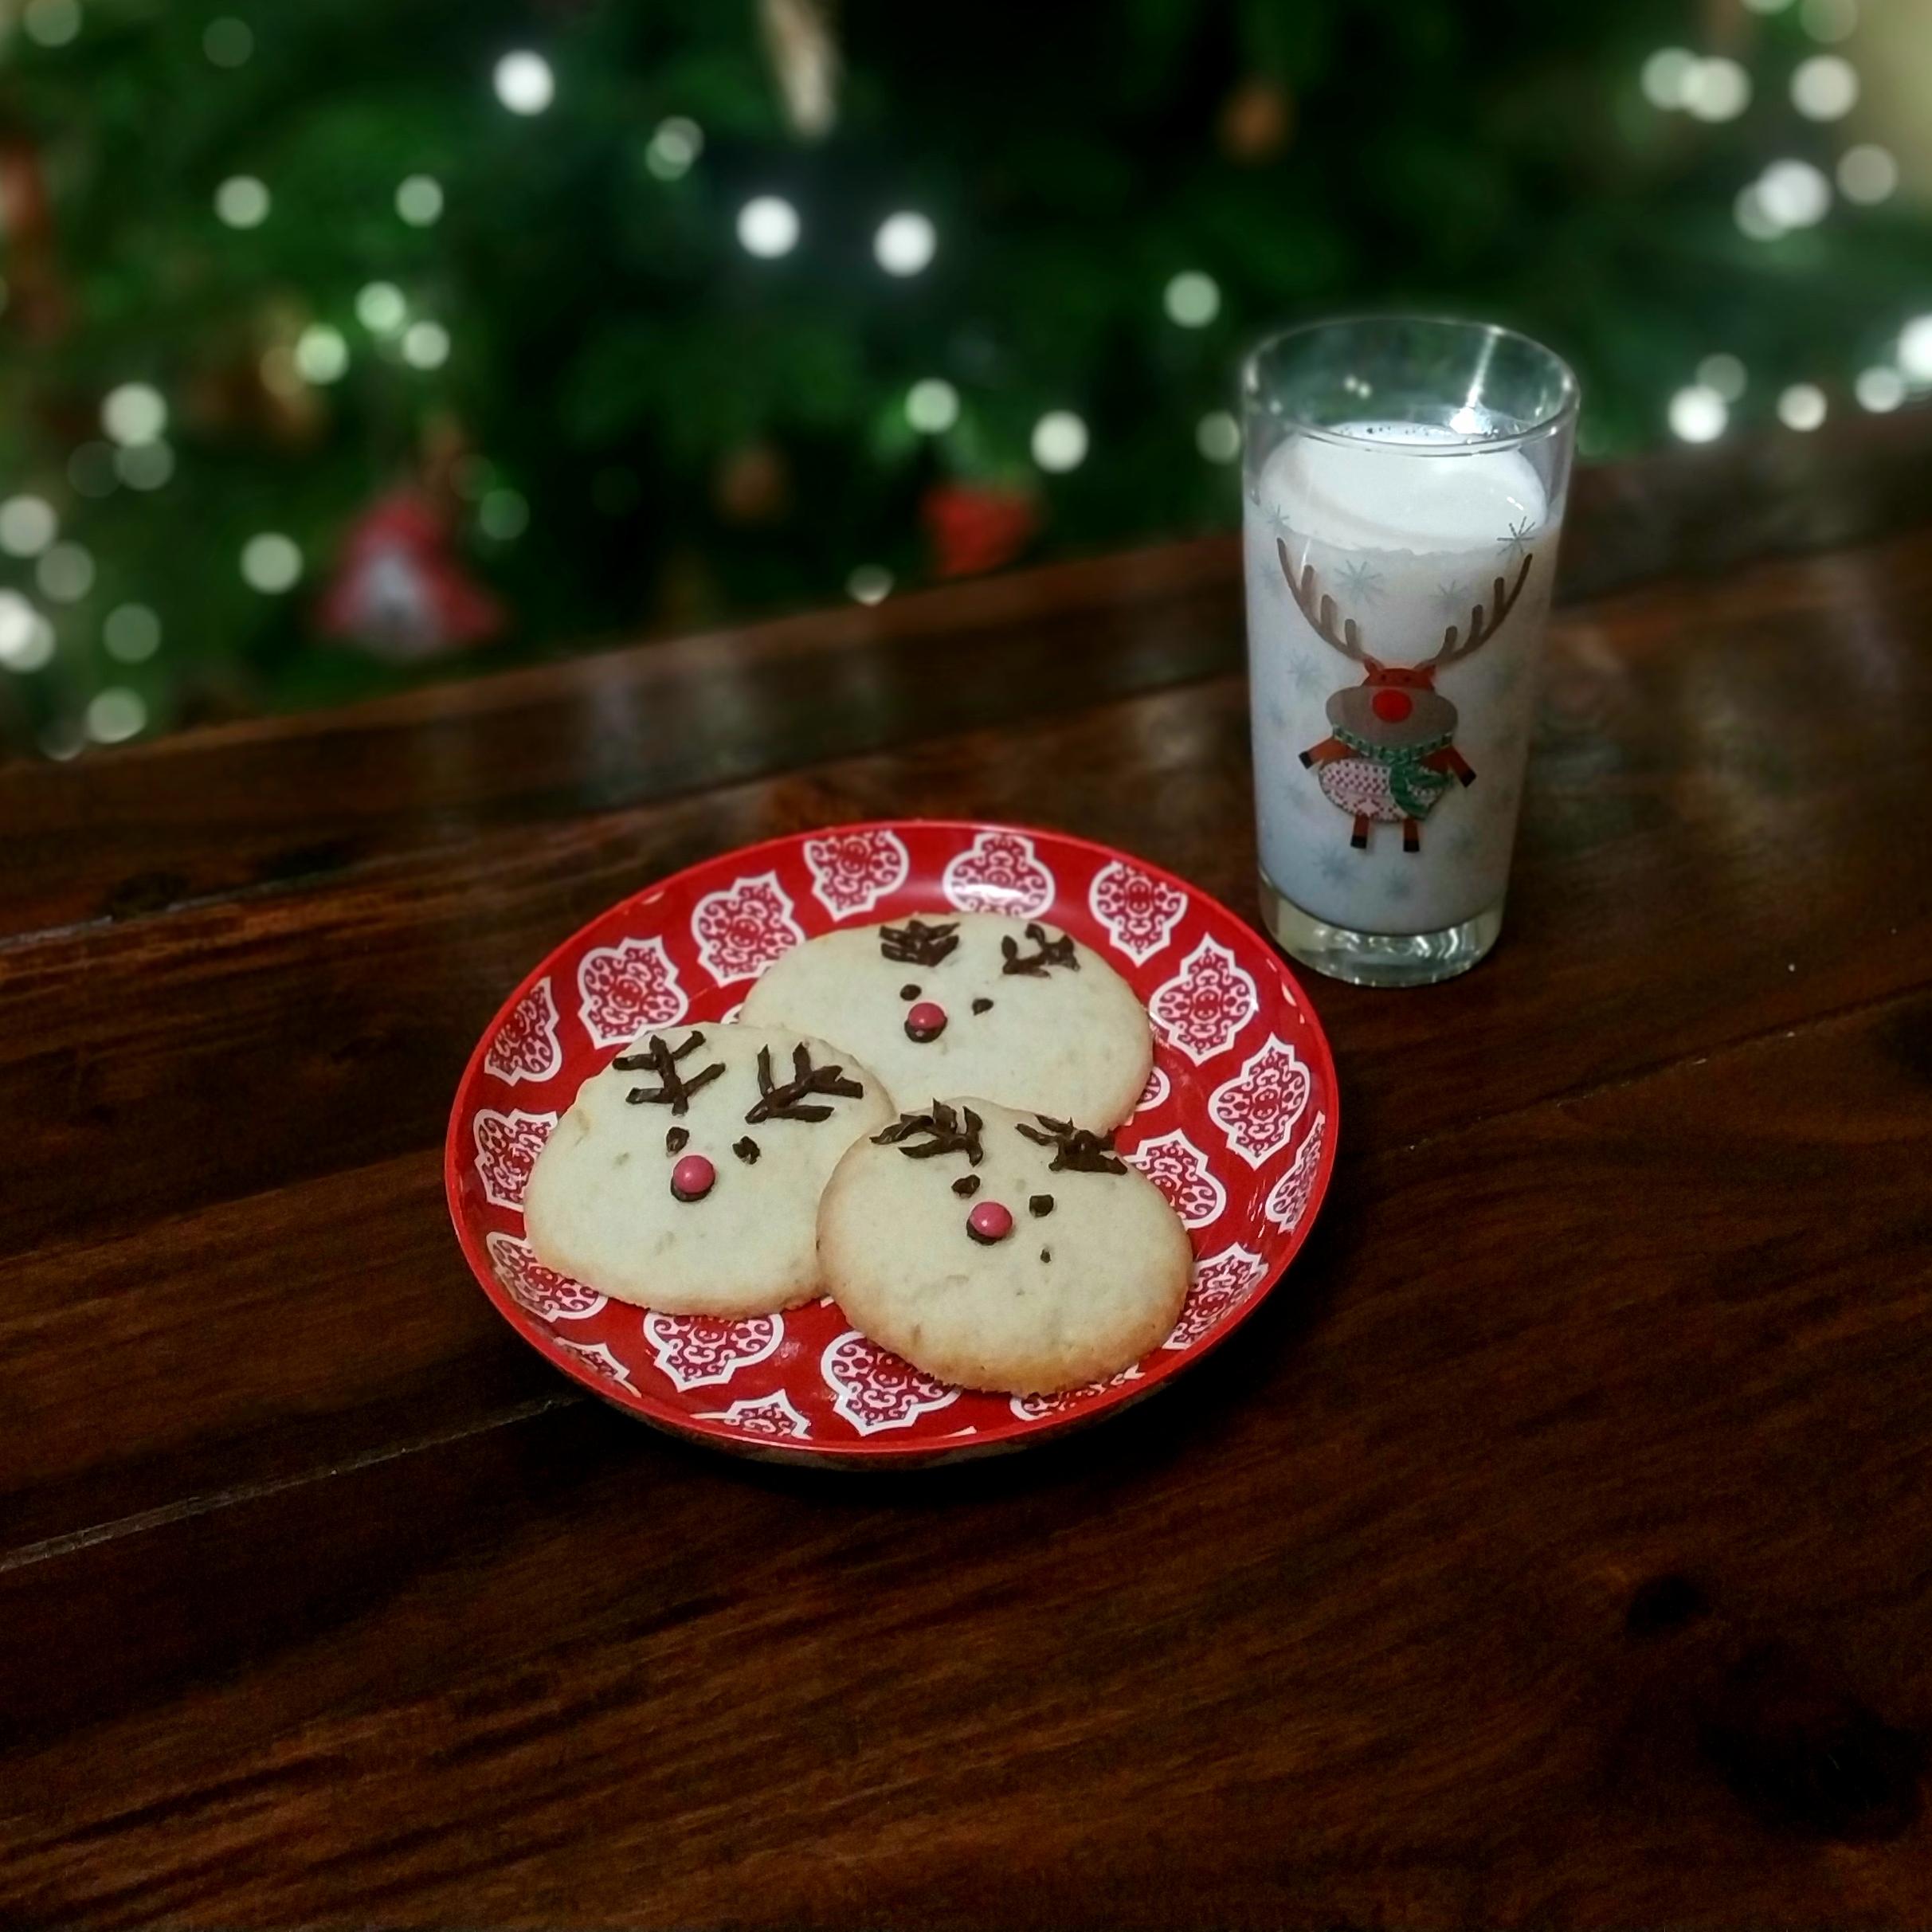 Tri sušienky sobíkovia na červenom tanieri na drevenom stole pohár s mliekom a motívom soba v pozadí vianočný stromček